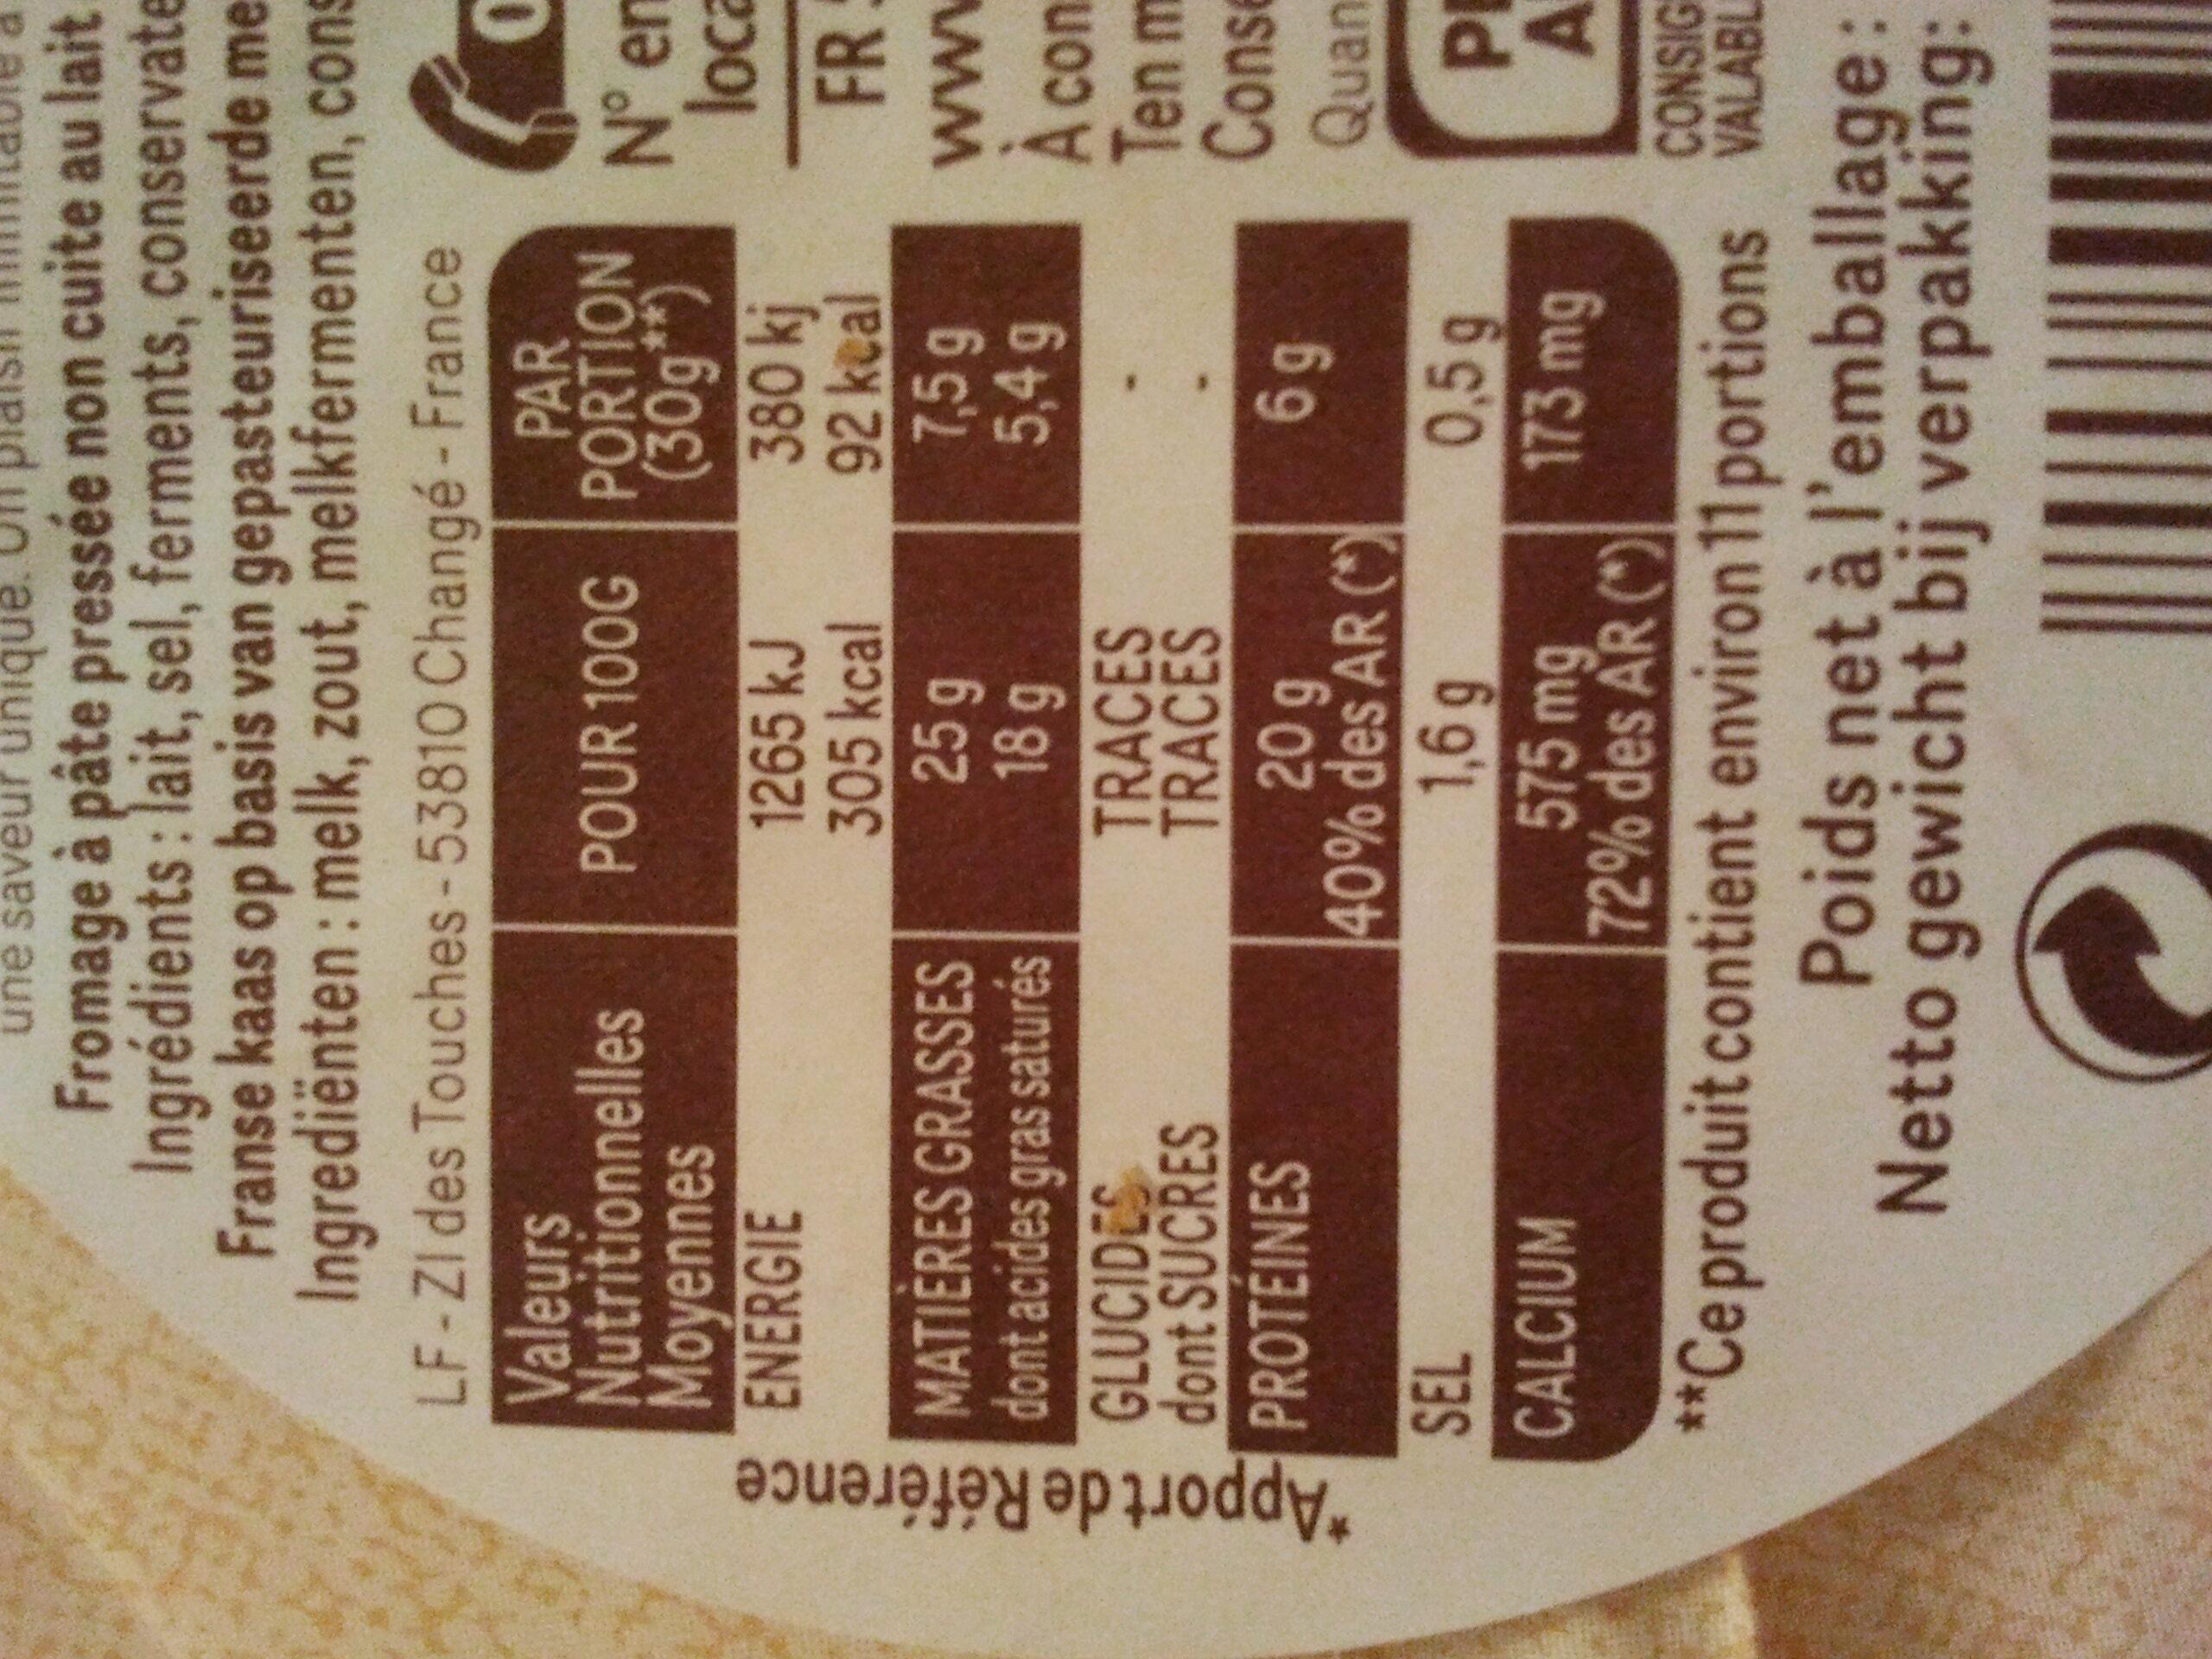 Chaussée aux Moines (25 % MG) - Informations nutritionnelles